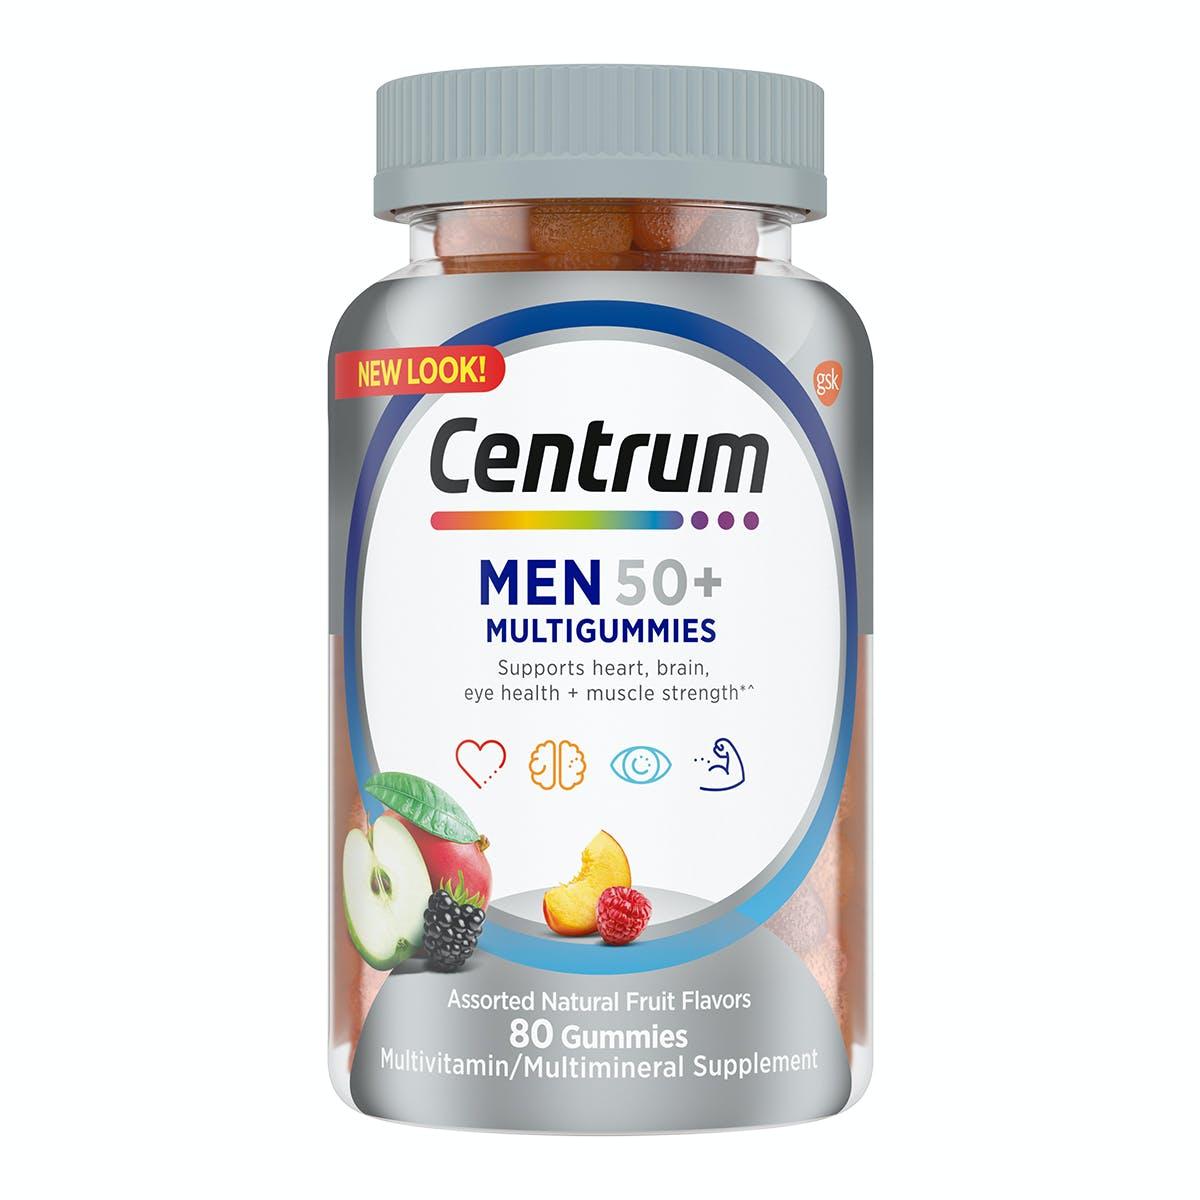 Bottle of centrum MultiGummies Men 50plus vitamins